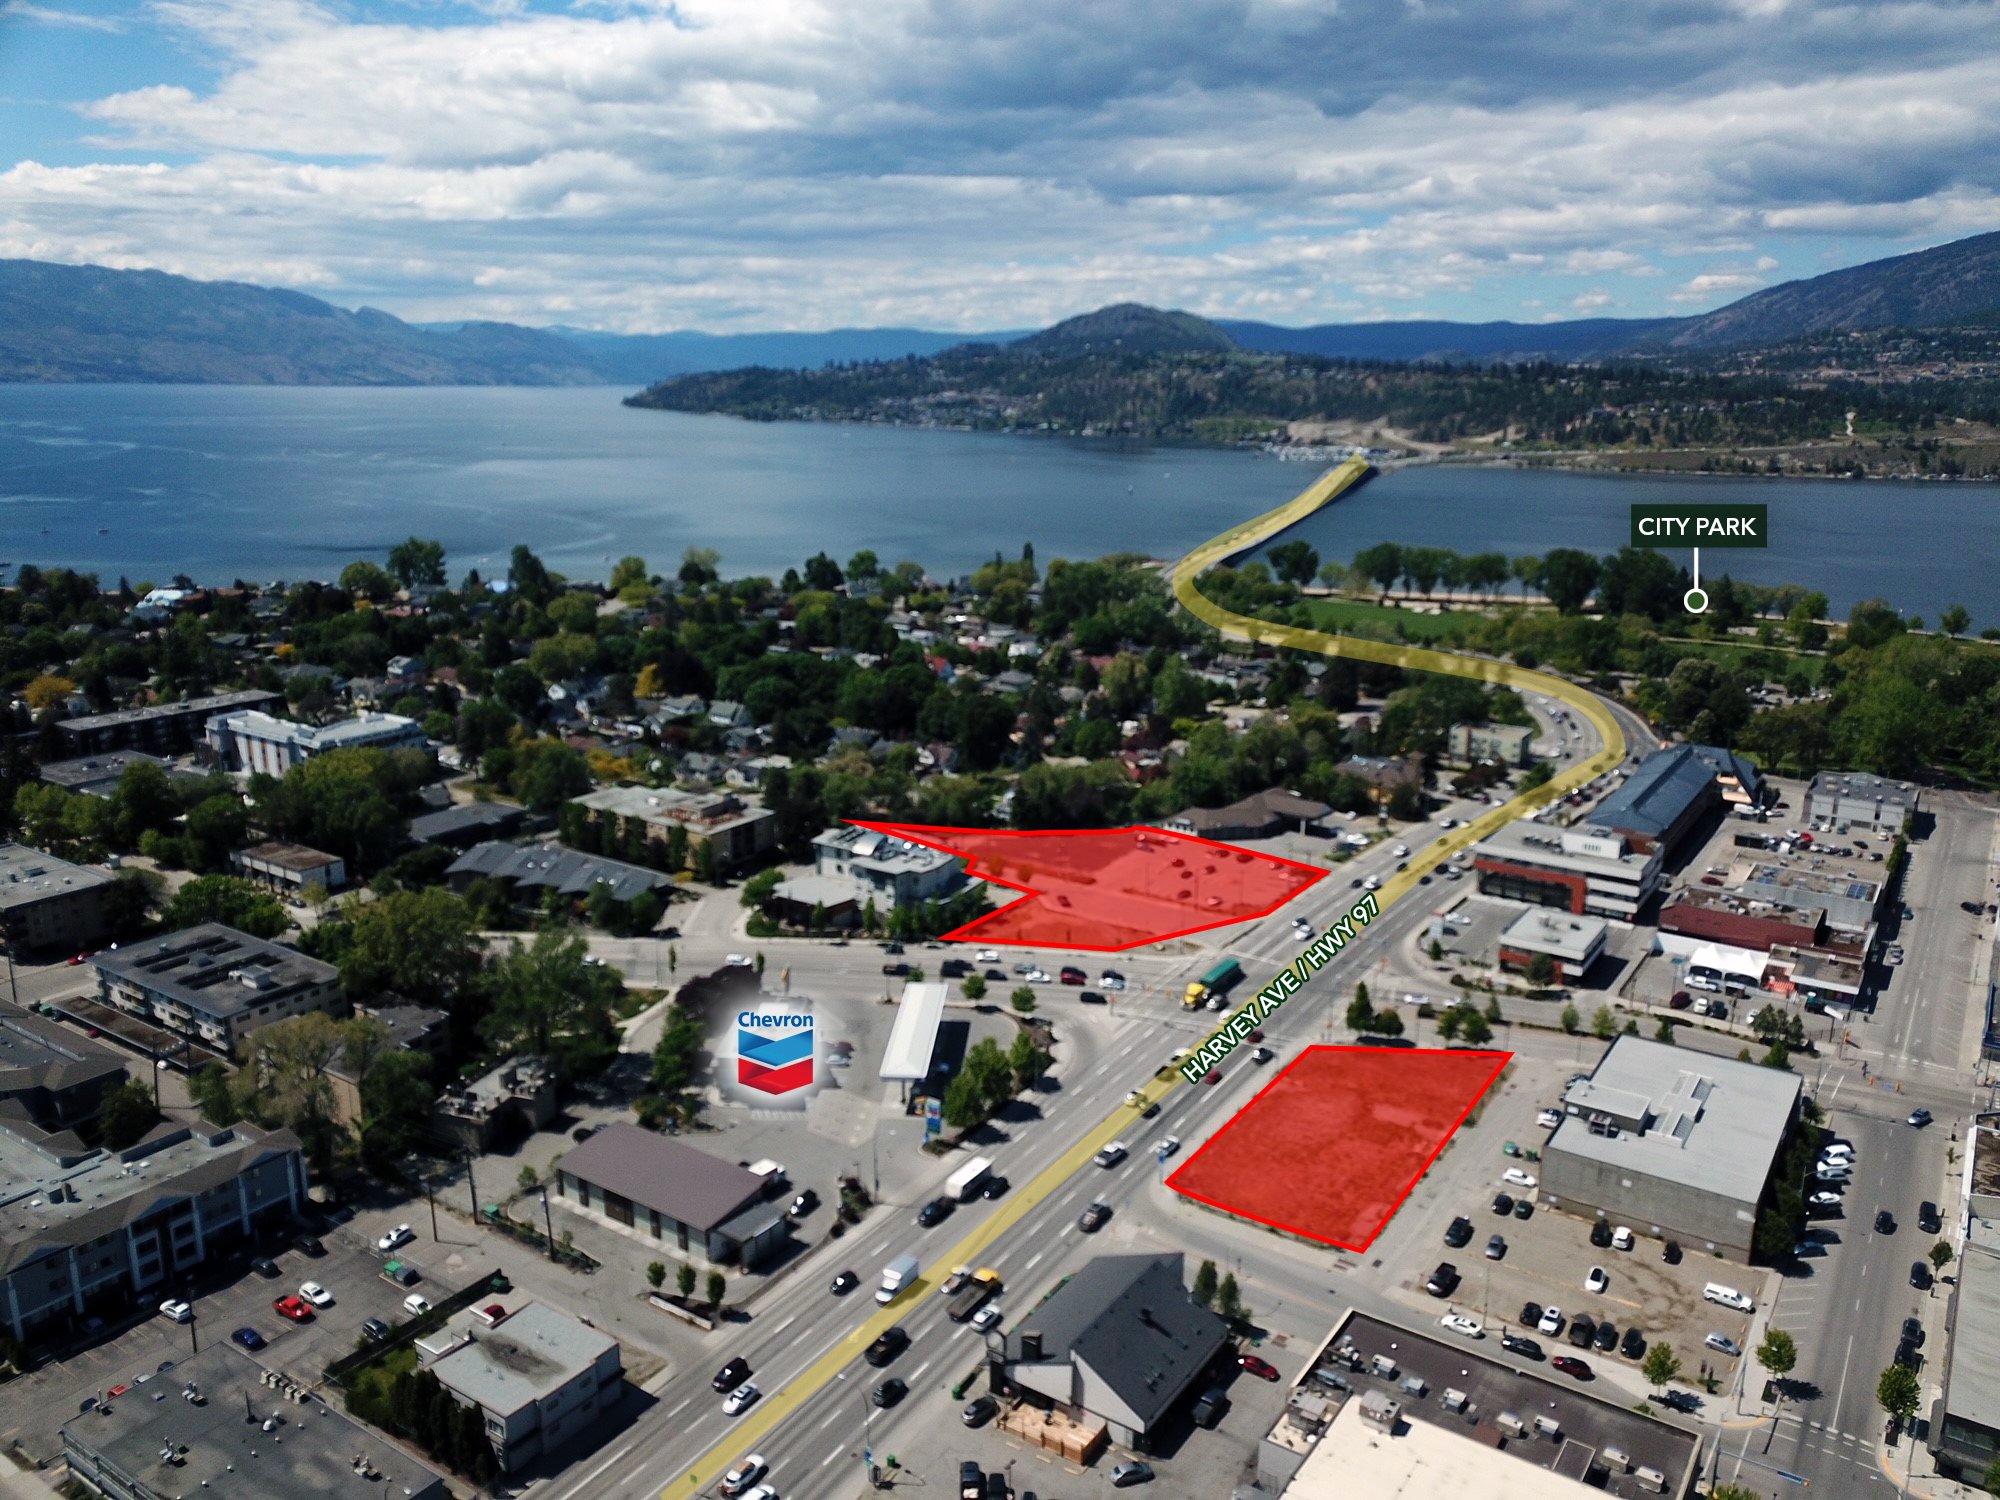 380 Harvey Avenue, Kelowna, BC - Mixed Use Development Land